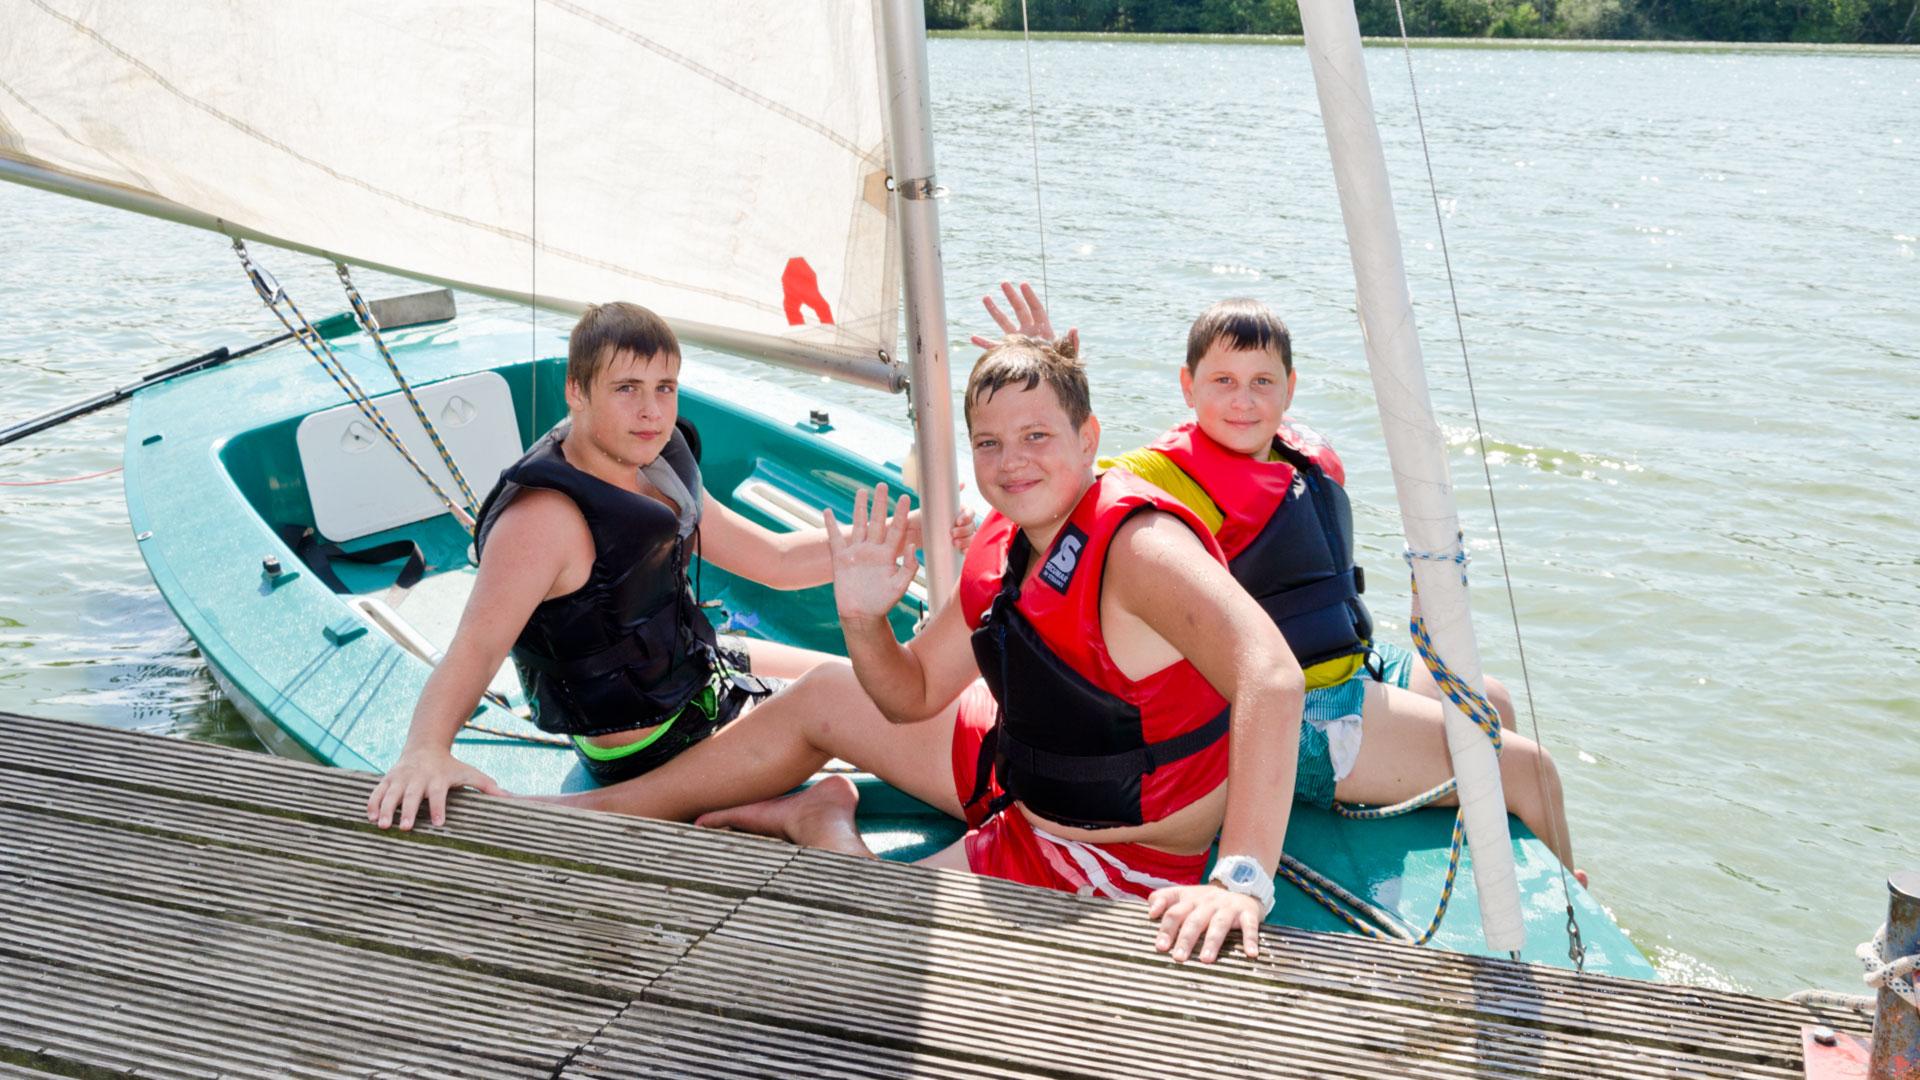 Die Teilnehmer des Segelkurses auf ihrem Boot